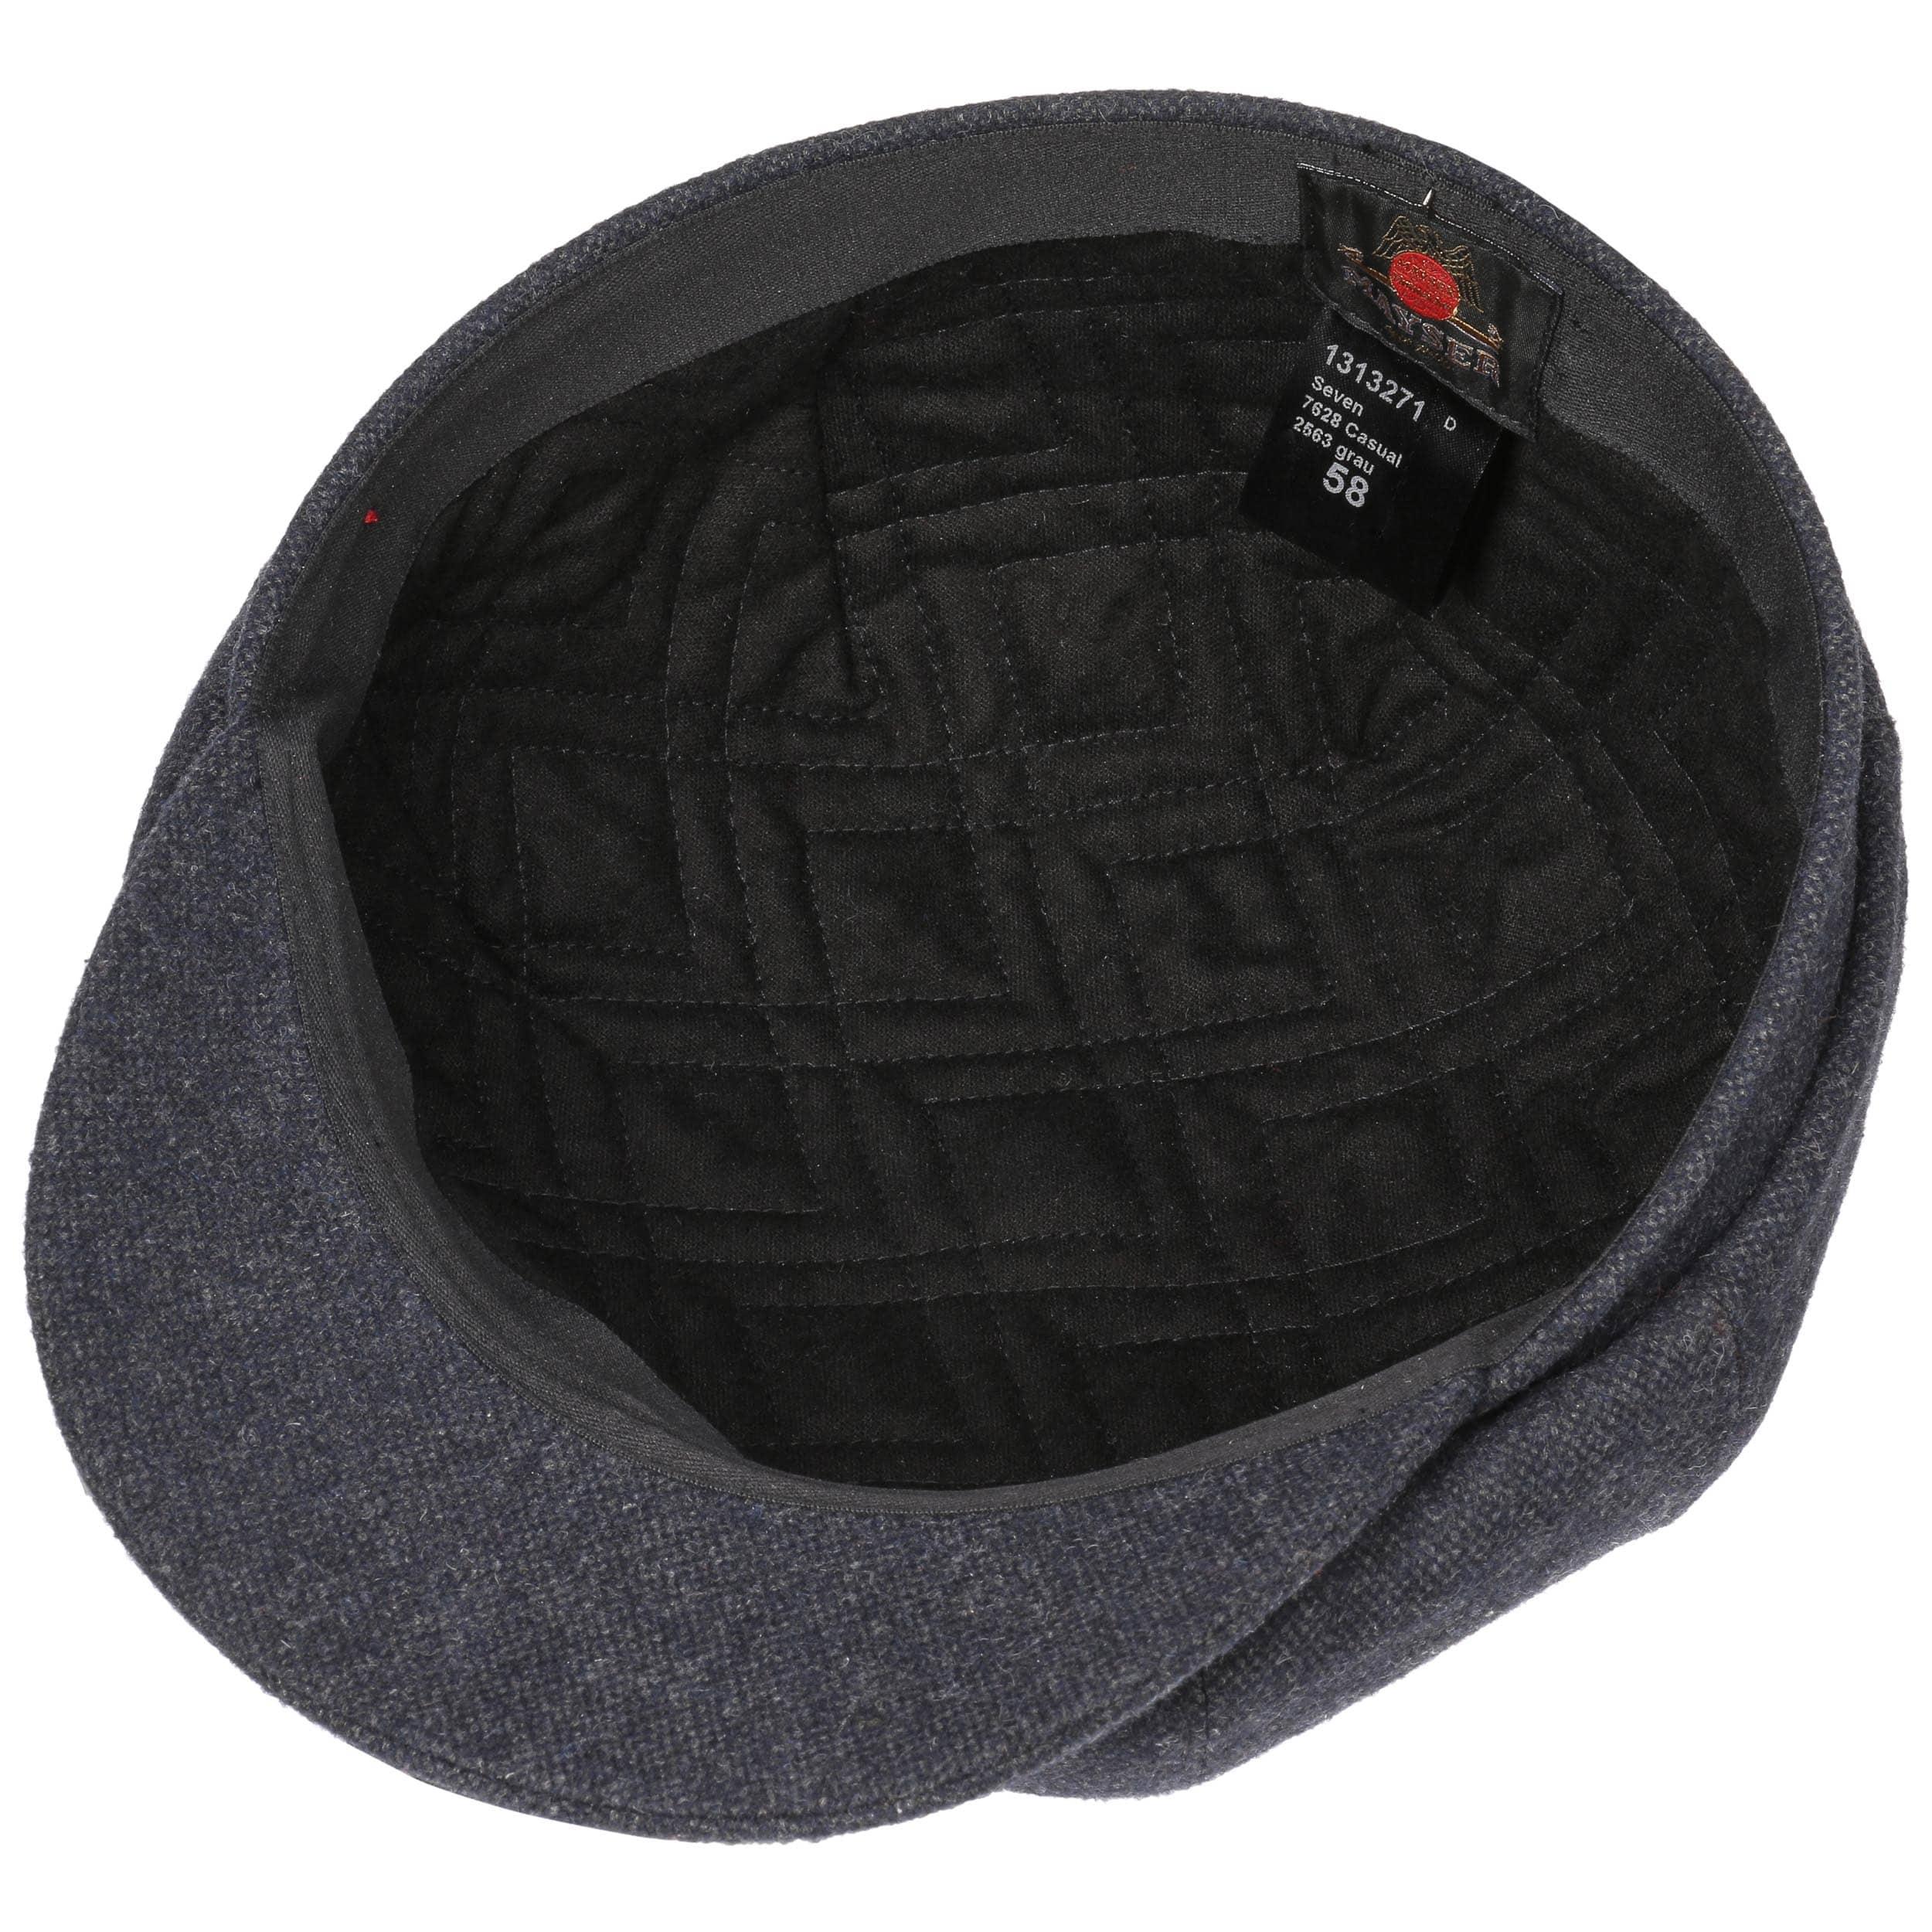 0b3bfba8335ad Gorra Seven Casual Tweed by Mayser - Gorras - sombreroshop.es